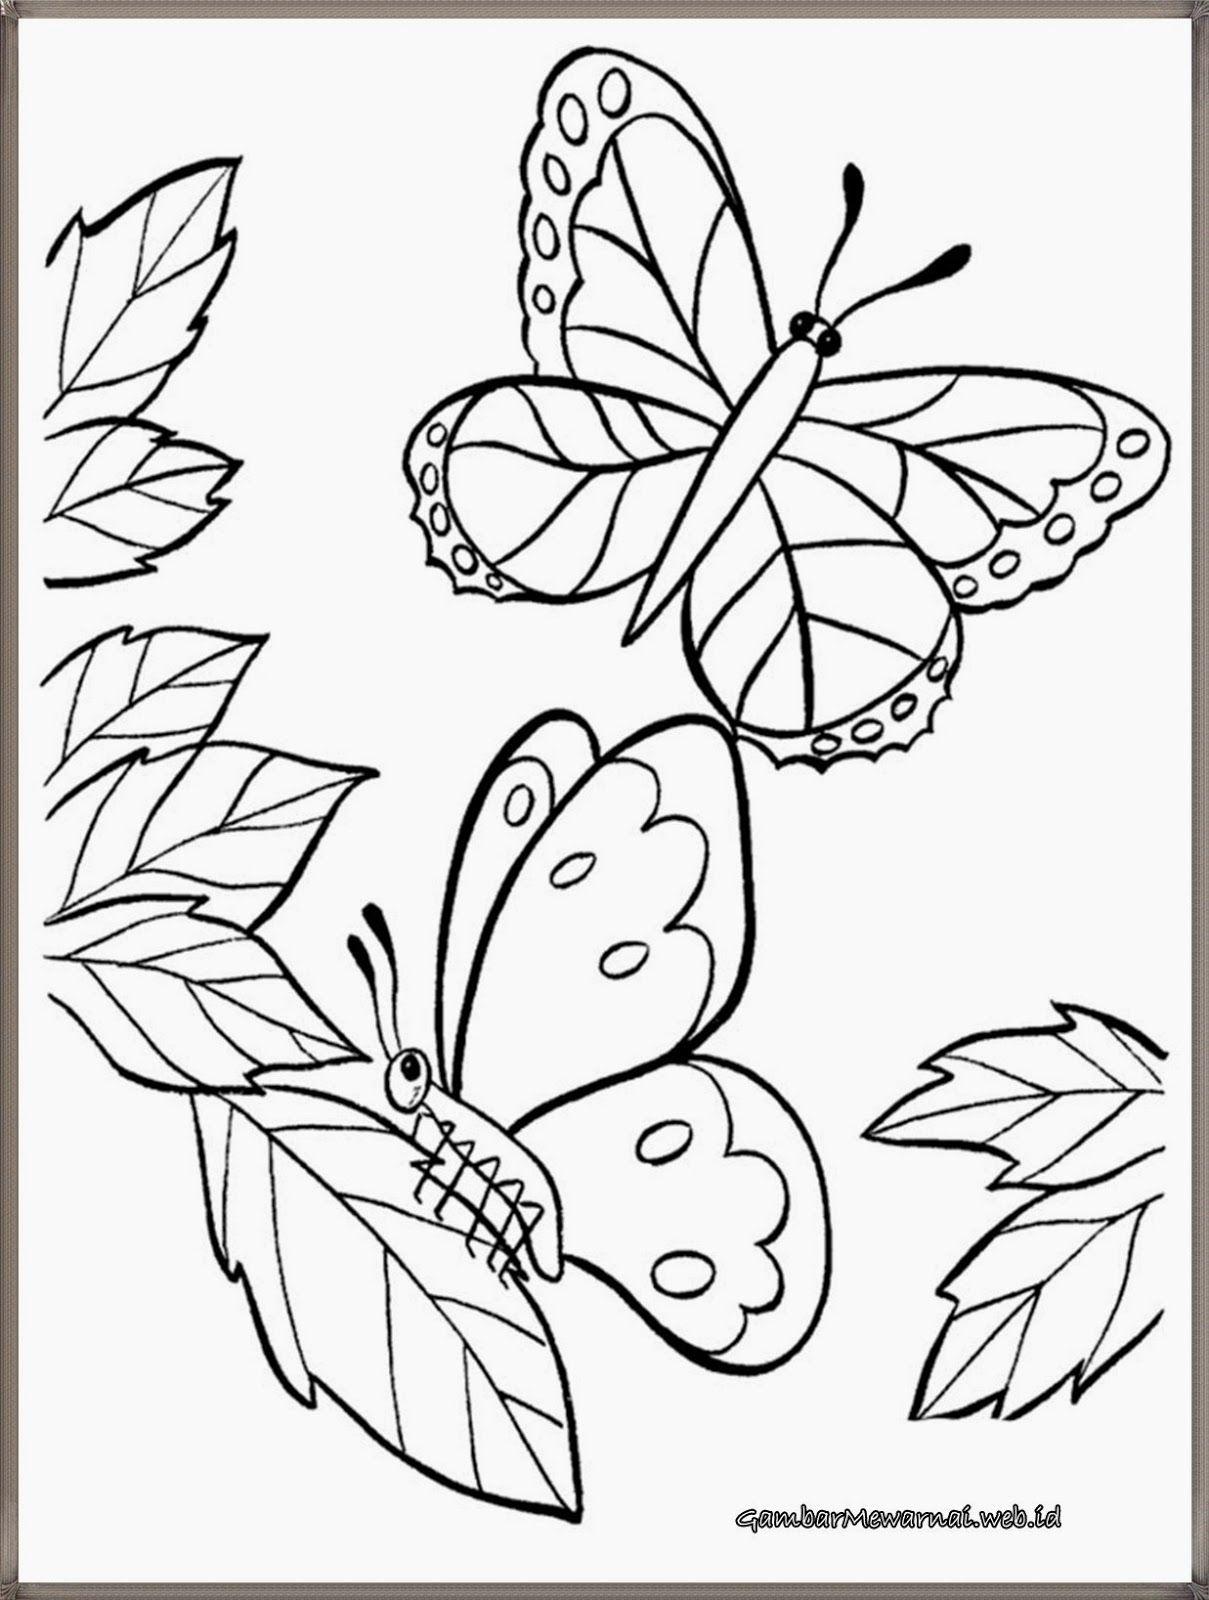 Mewarnai Gambar Kupu Kupu Dan Bunga Dengan Gambar Buku